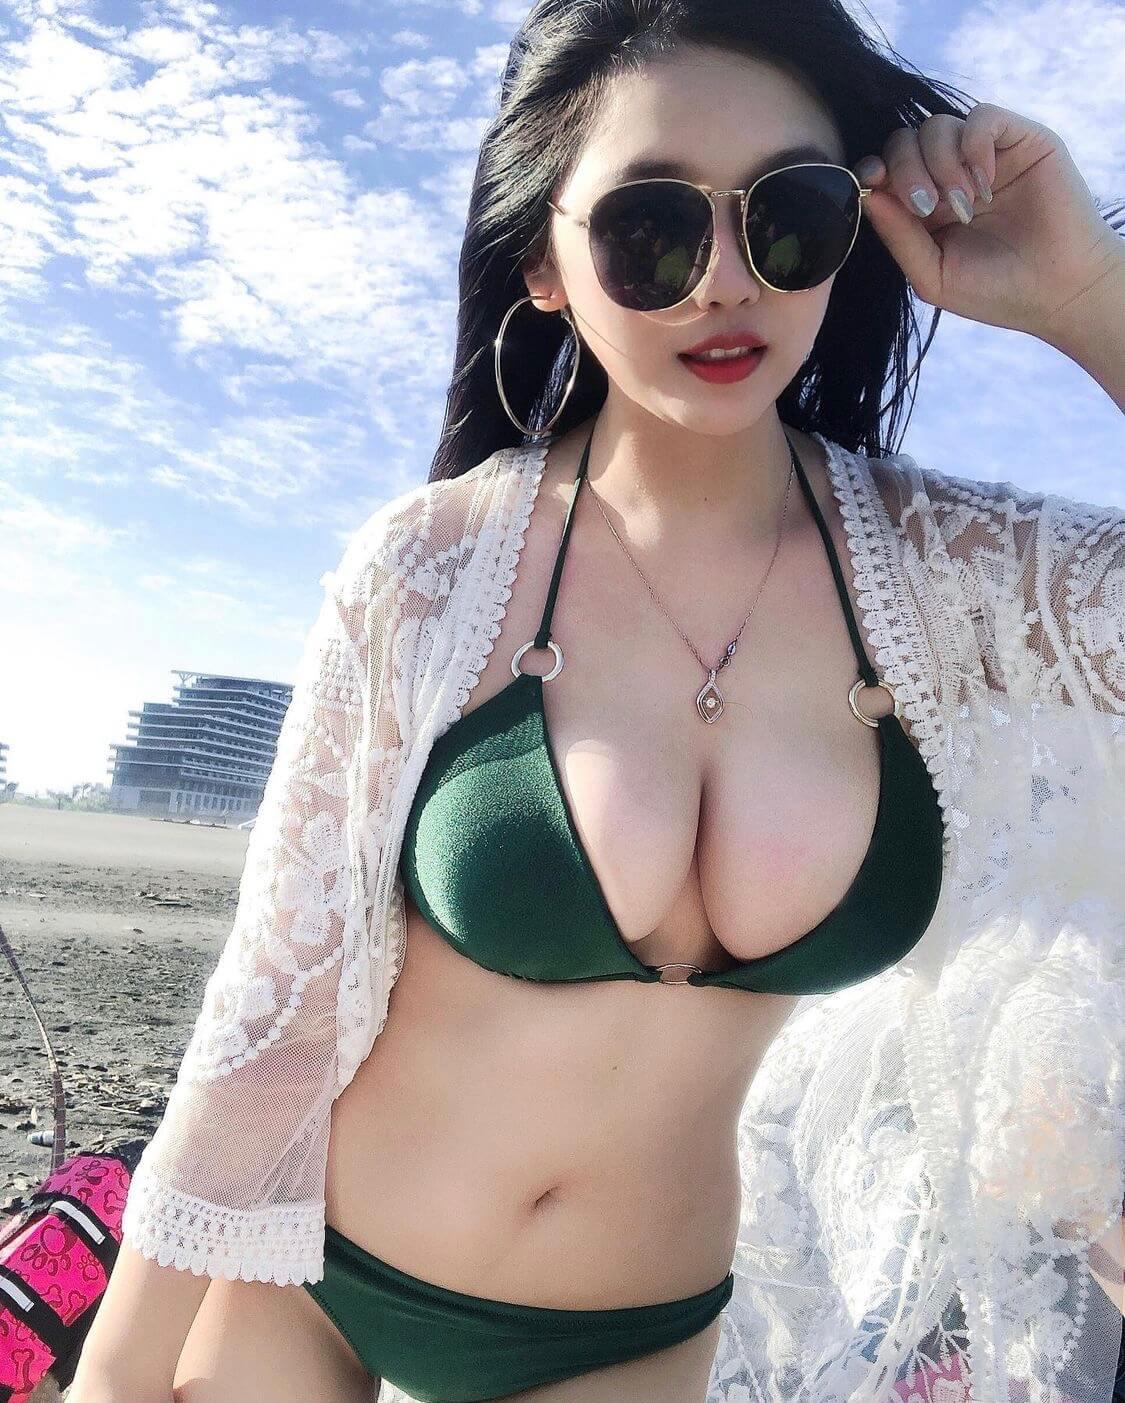 【素人画像】水着で豊満なおっぱいをネットに晒してくれる神プレーな女の子